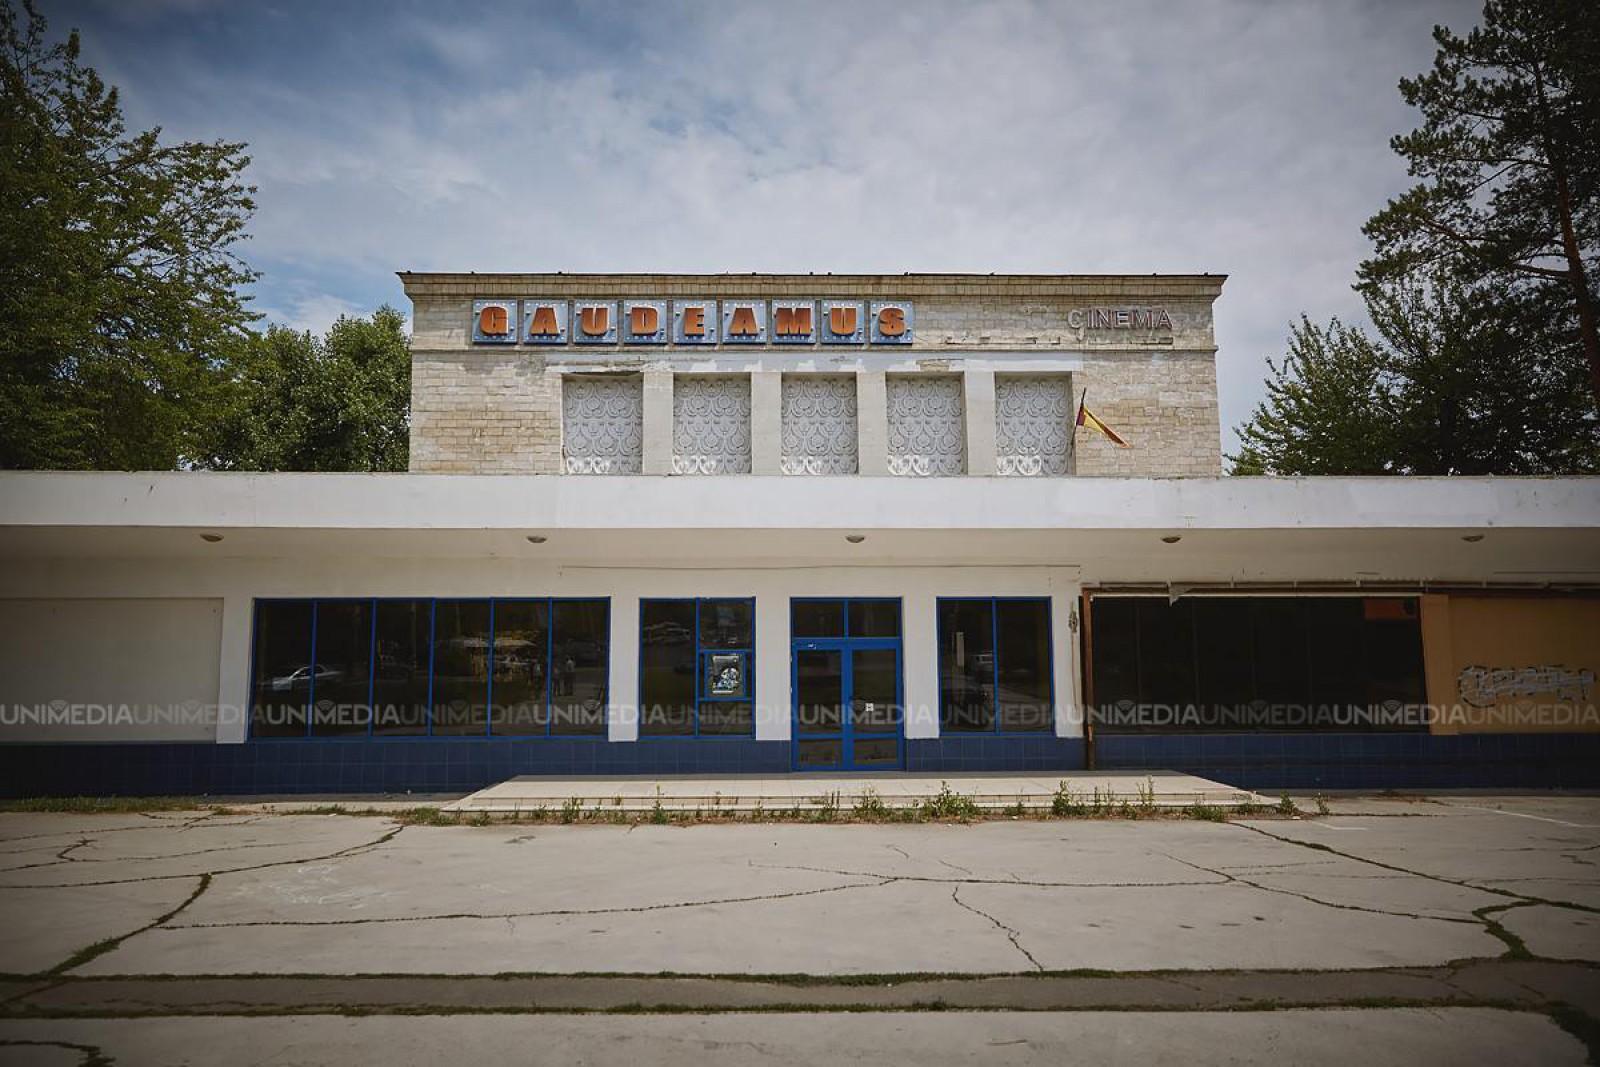 Mold-street: Cine demolează Cinematograful Gaudeamus şi ce va construi în loc